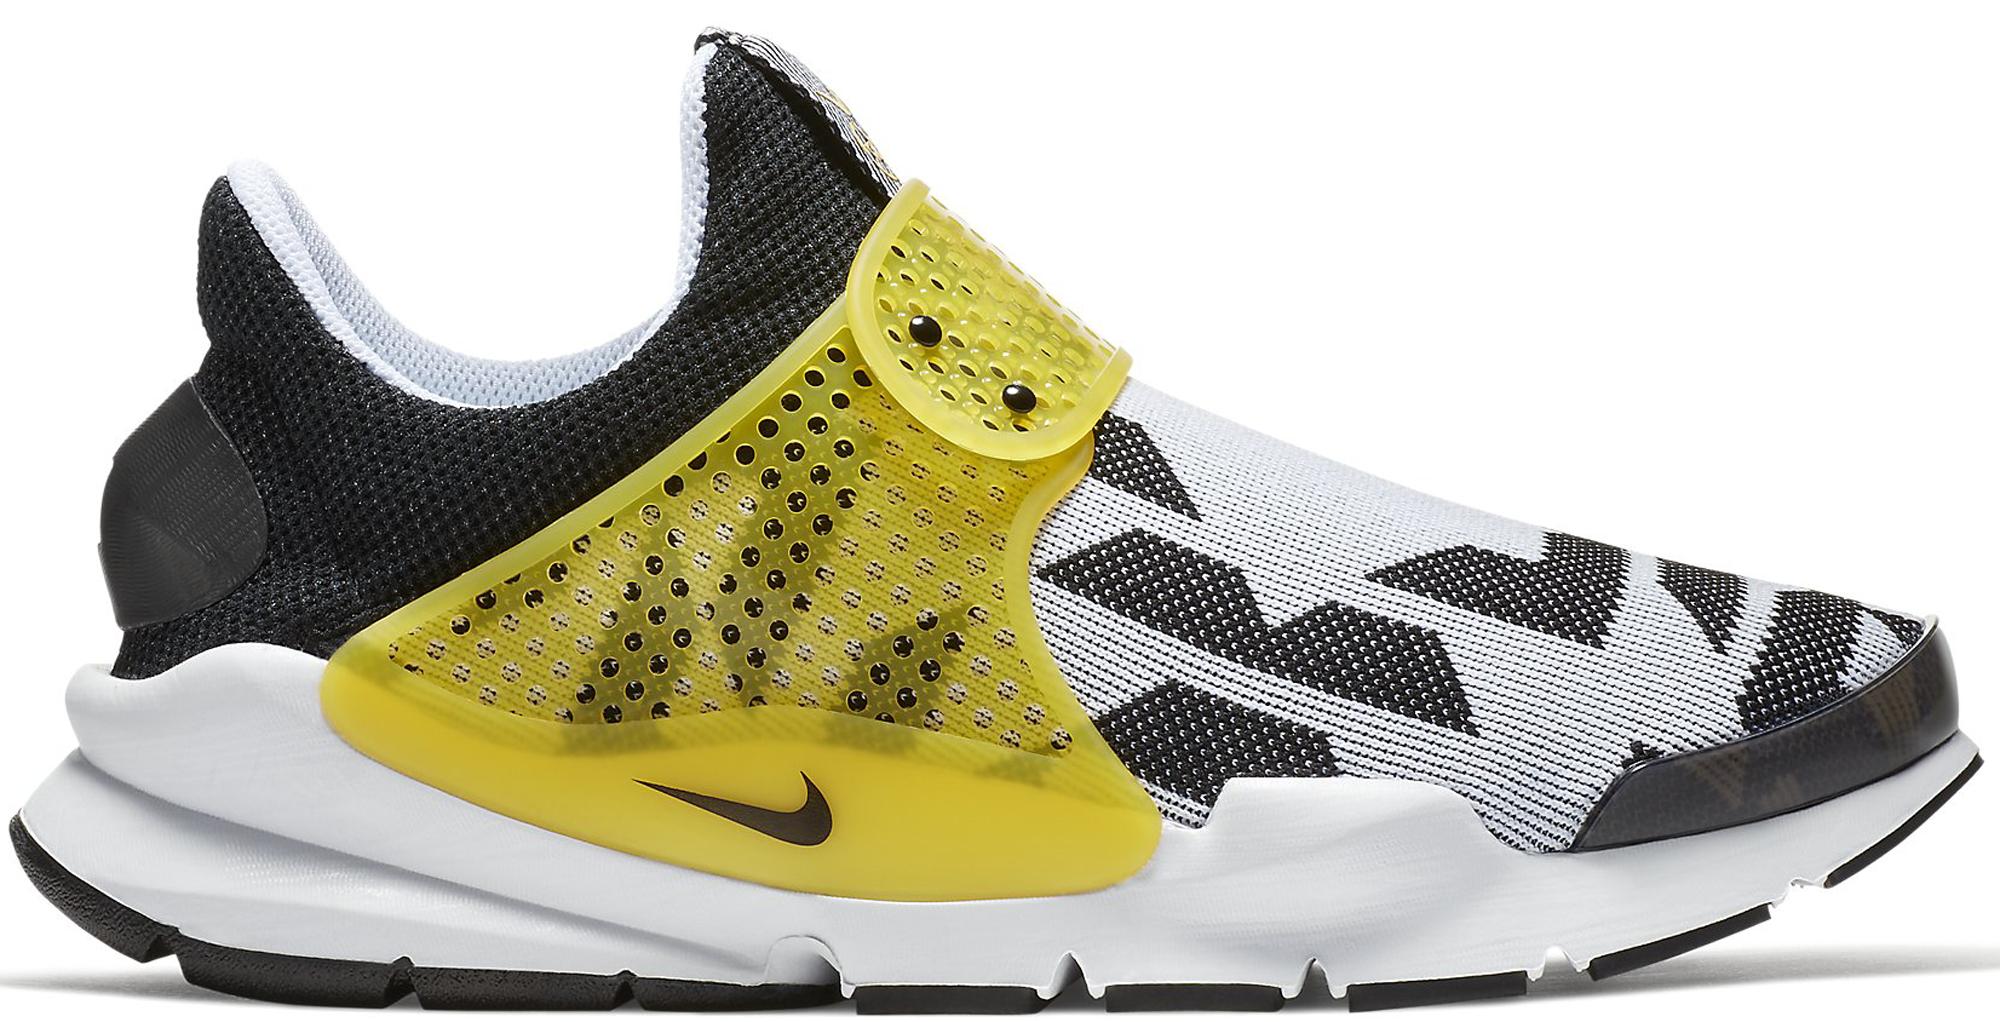 ebf3743a96d Nike Sock Dart GPX N7 - StockX News